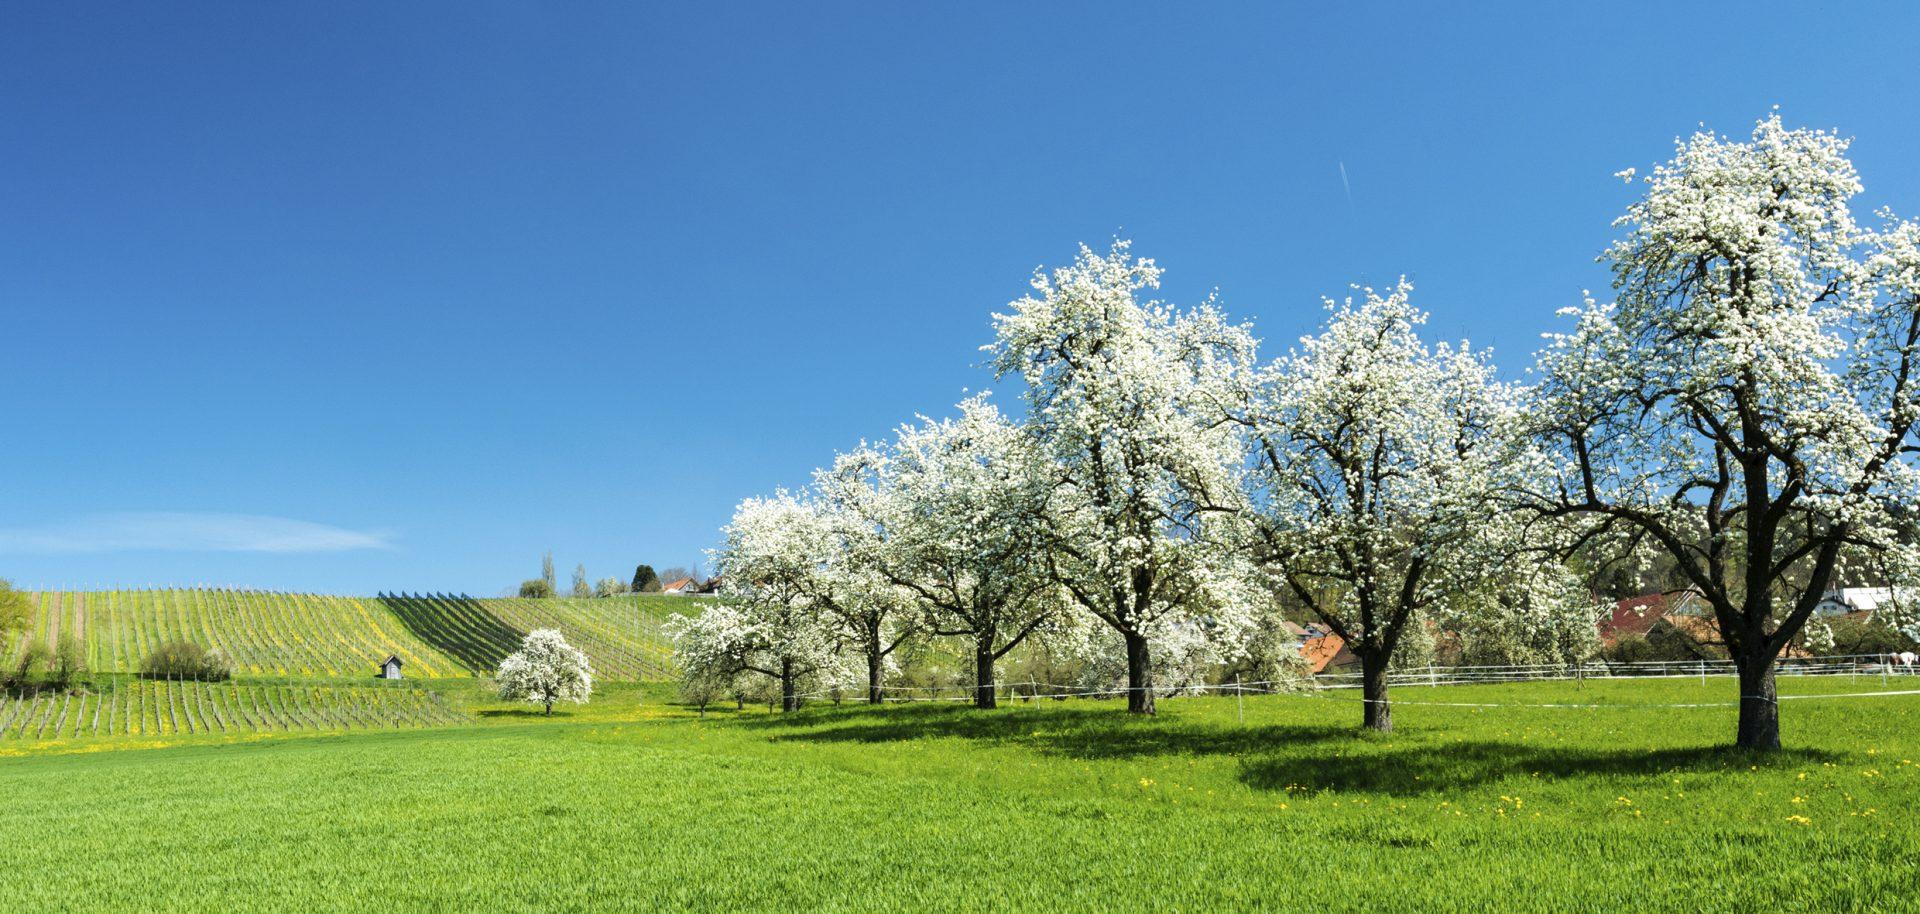 Titelbild_Thurgau_Blueten_iStock-949053822-2